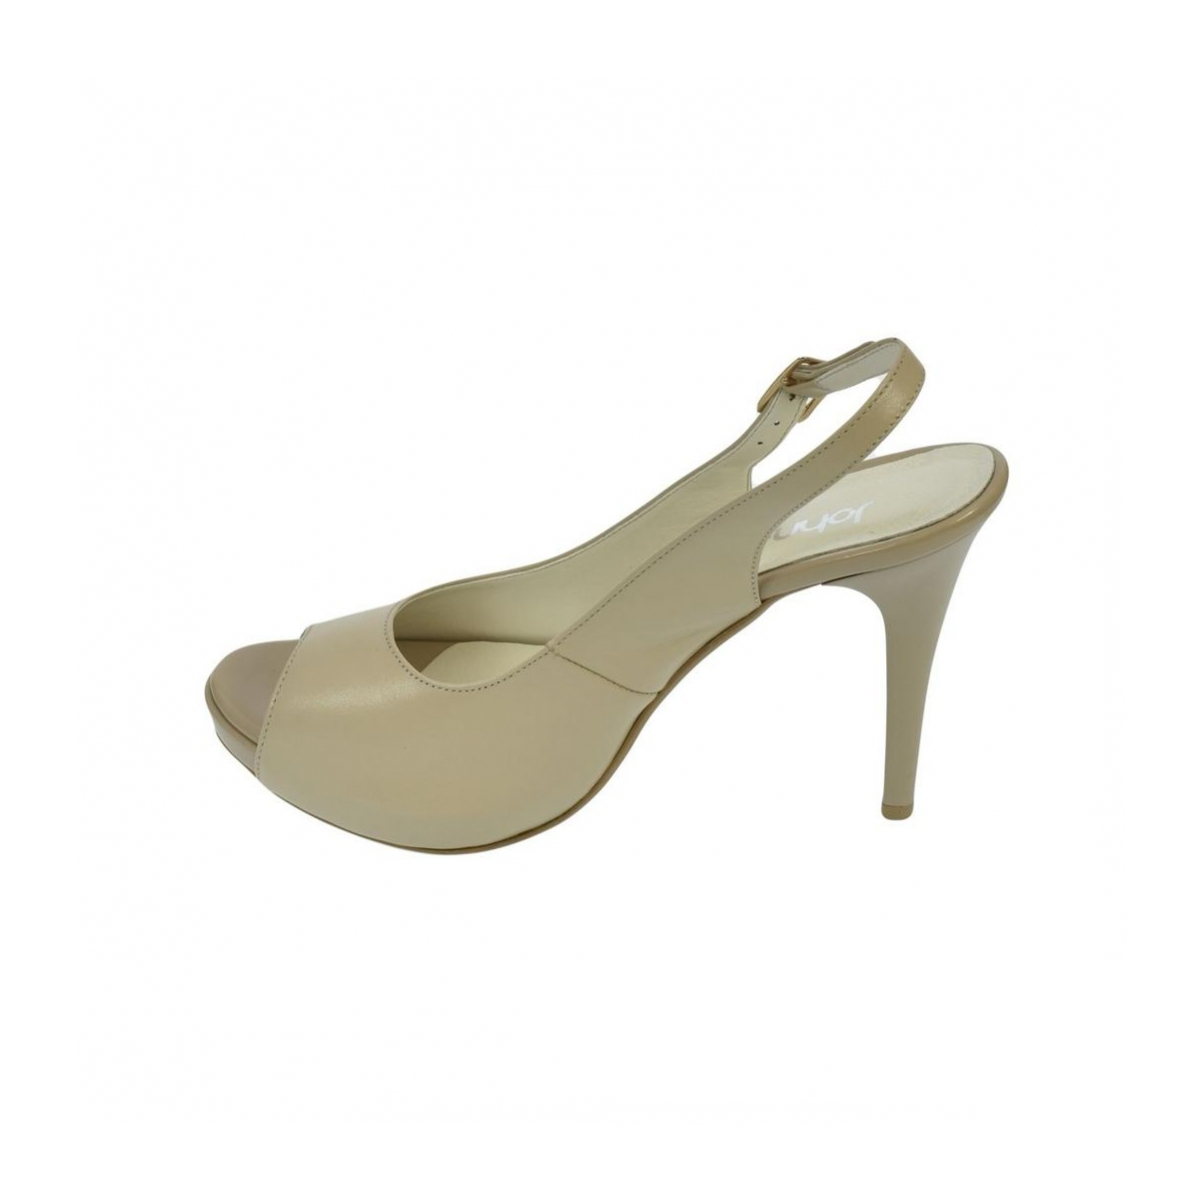 77dfe2f3792a Dámske kožené béžové sandále SINNI - 7